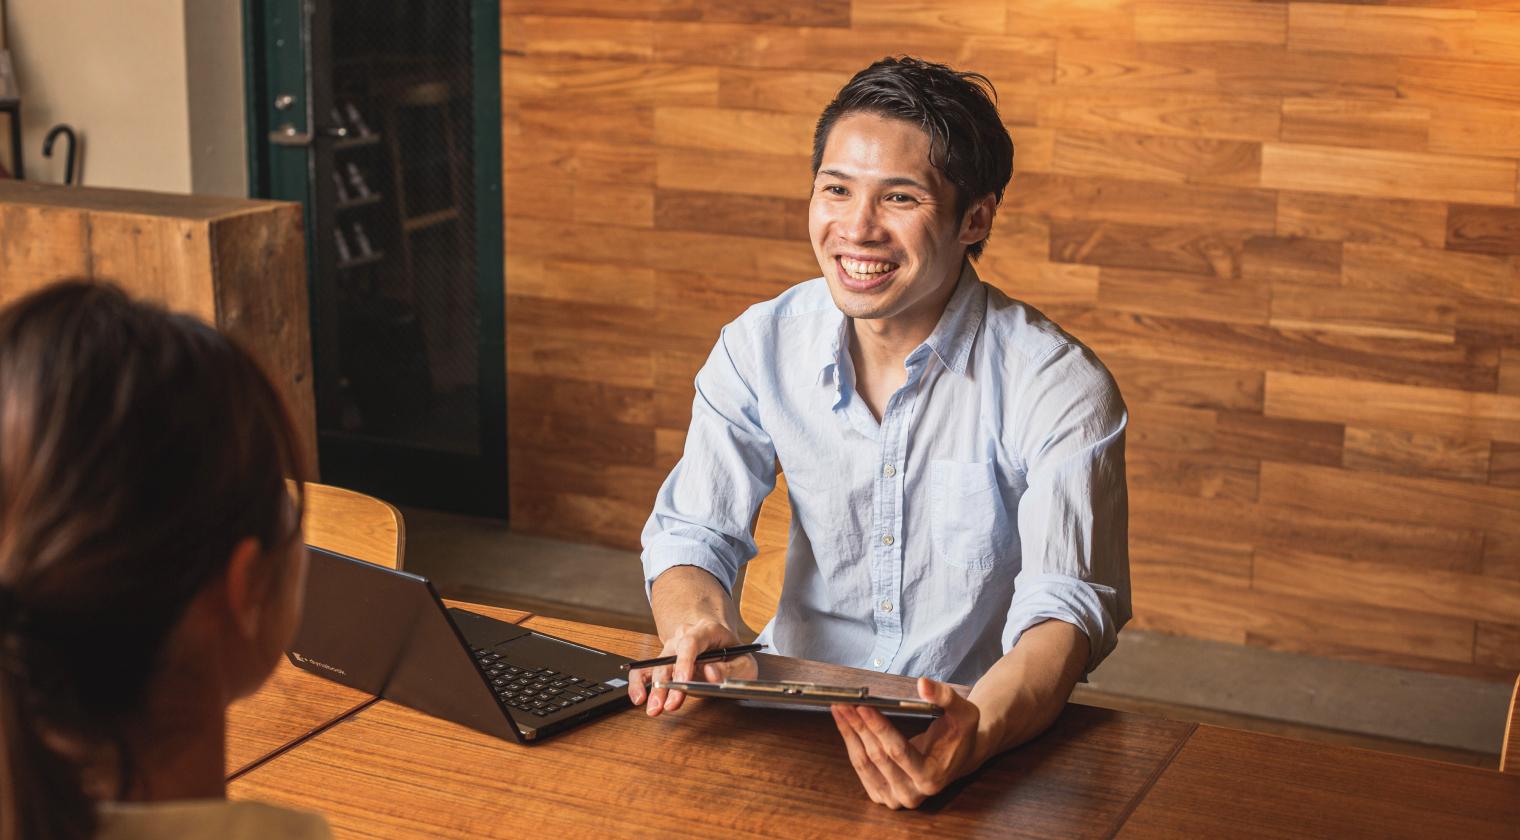 写真:人と会話している男性。手元にはパソコンやバインダー、ペンがある。